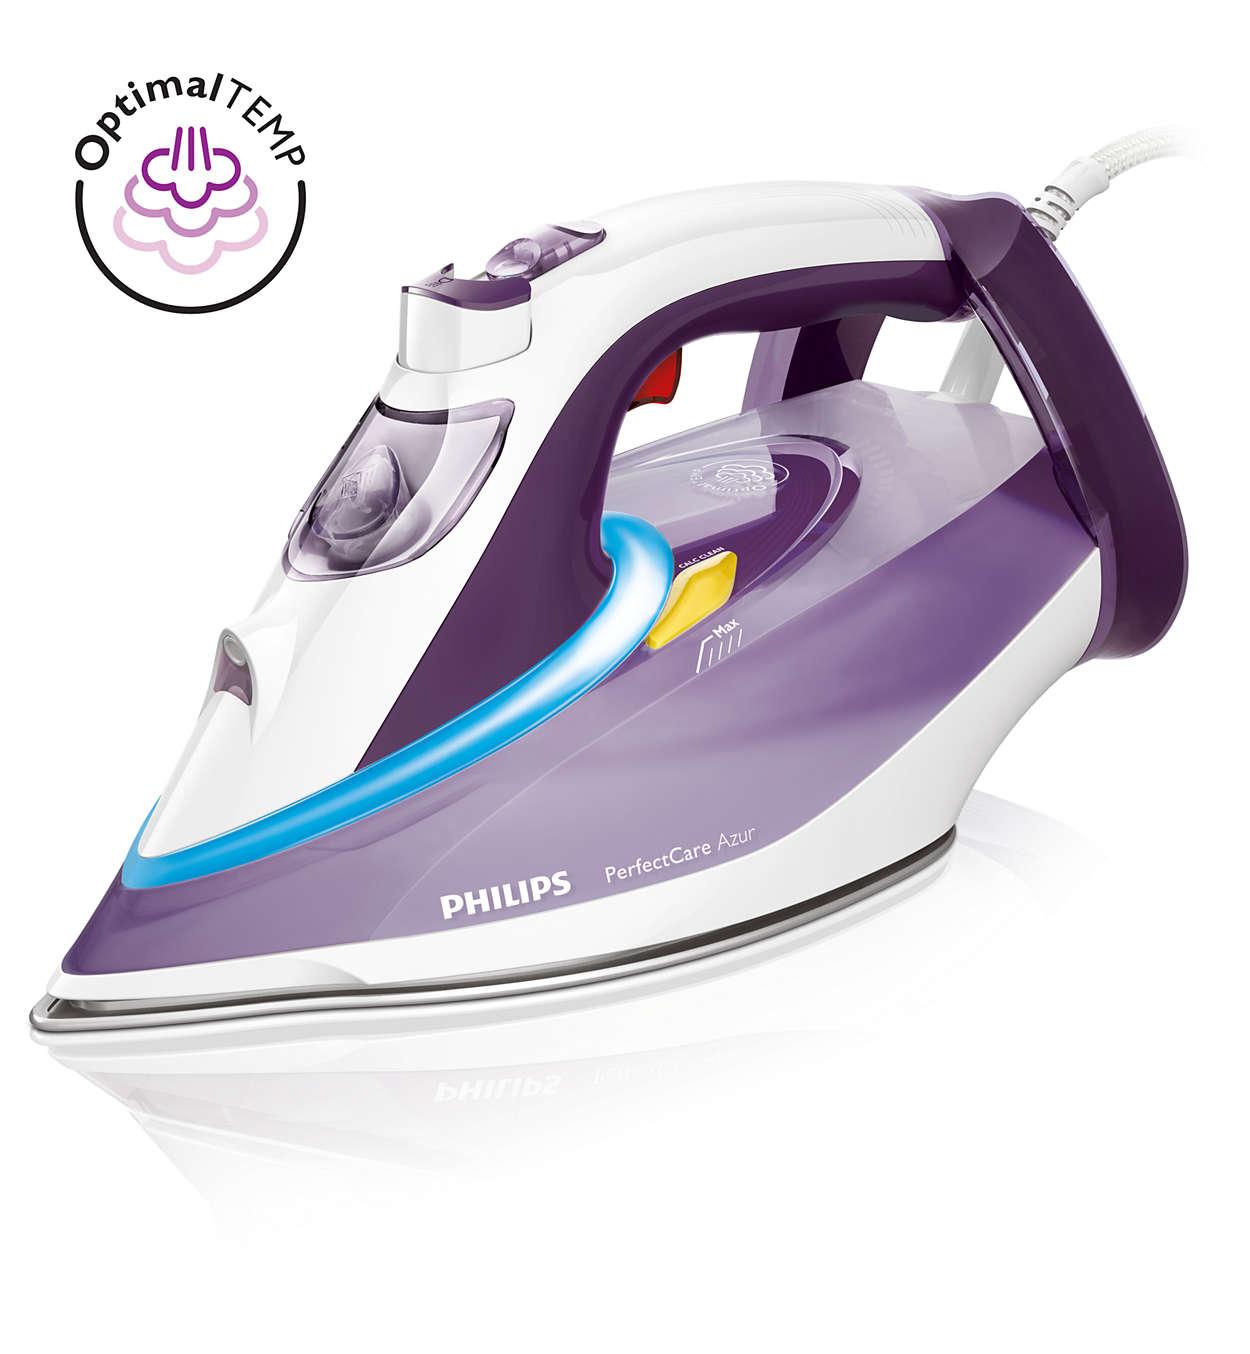 O ferro a vapor mais rápido da Philips*